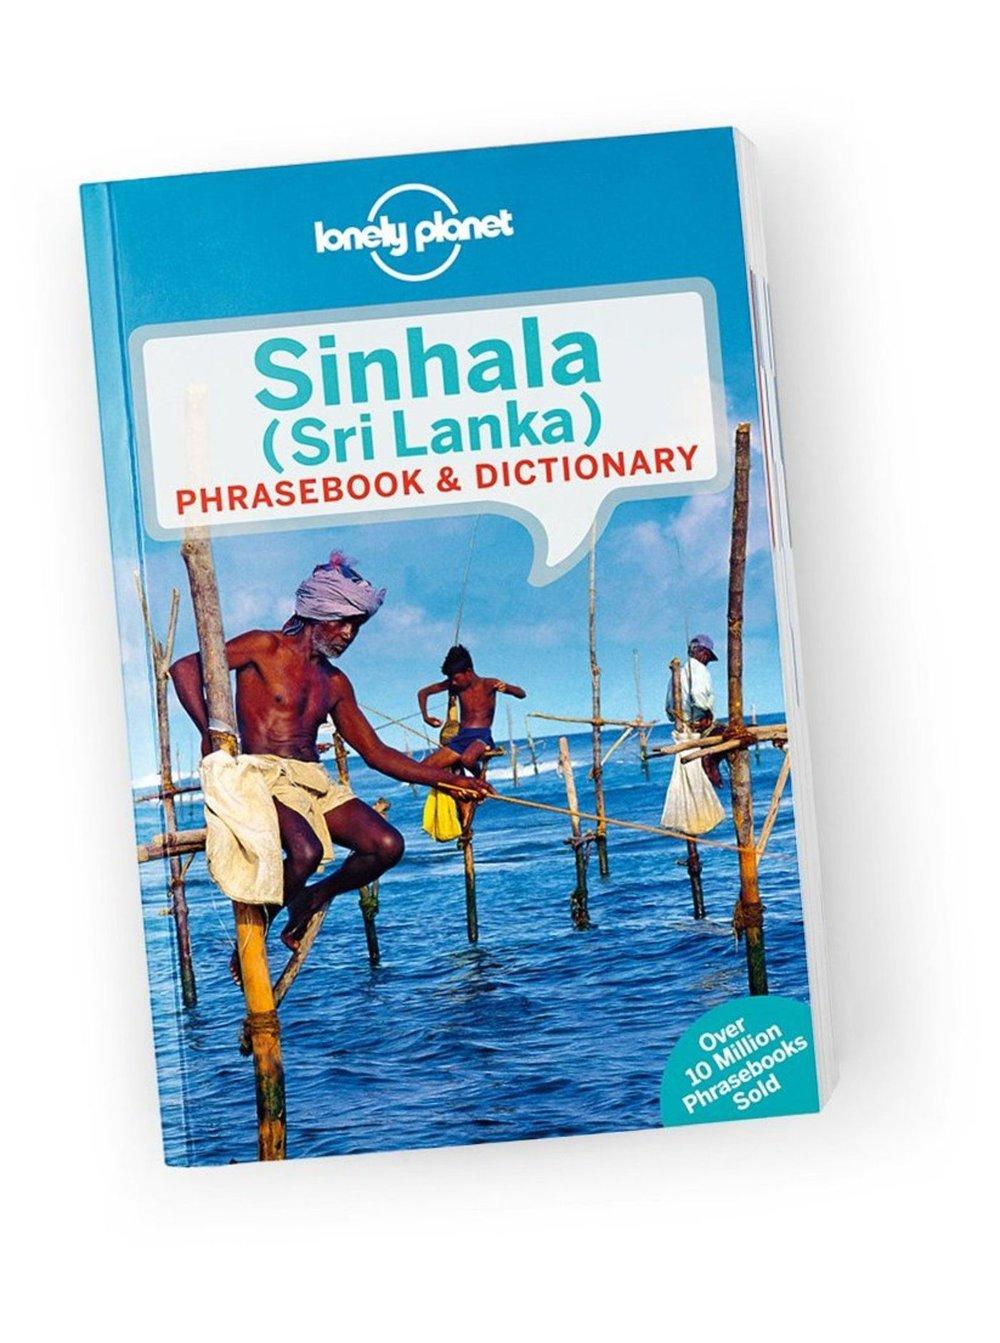 Sinhala_Phrasebook_4.9781743211922.pdp.0.jpg